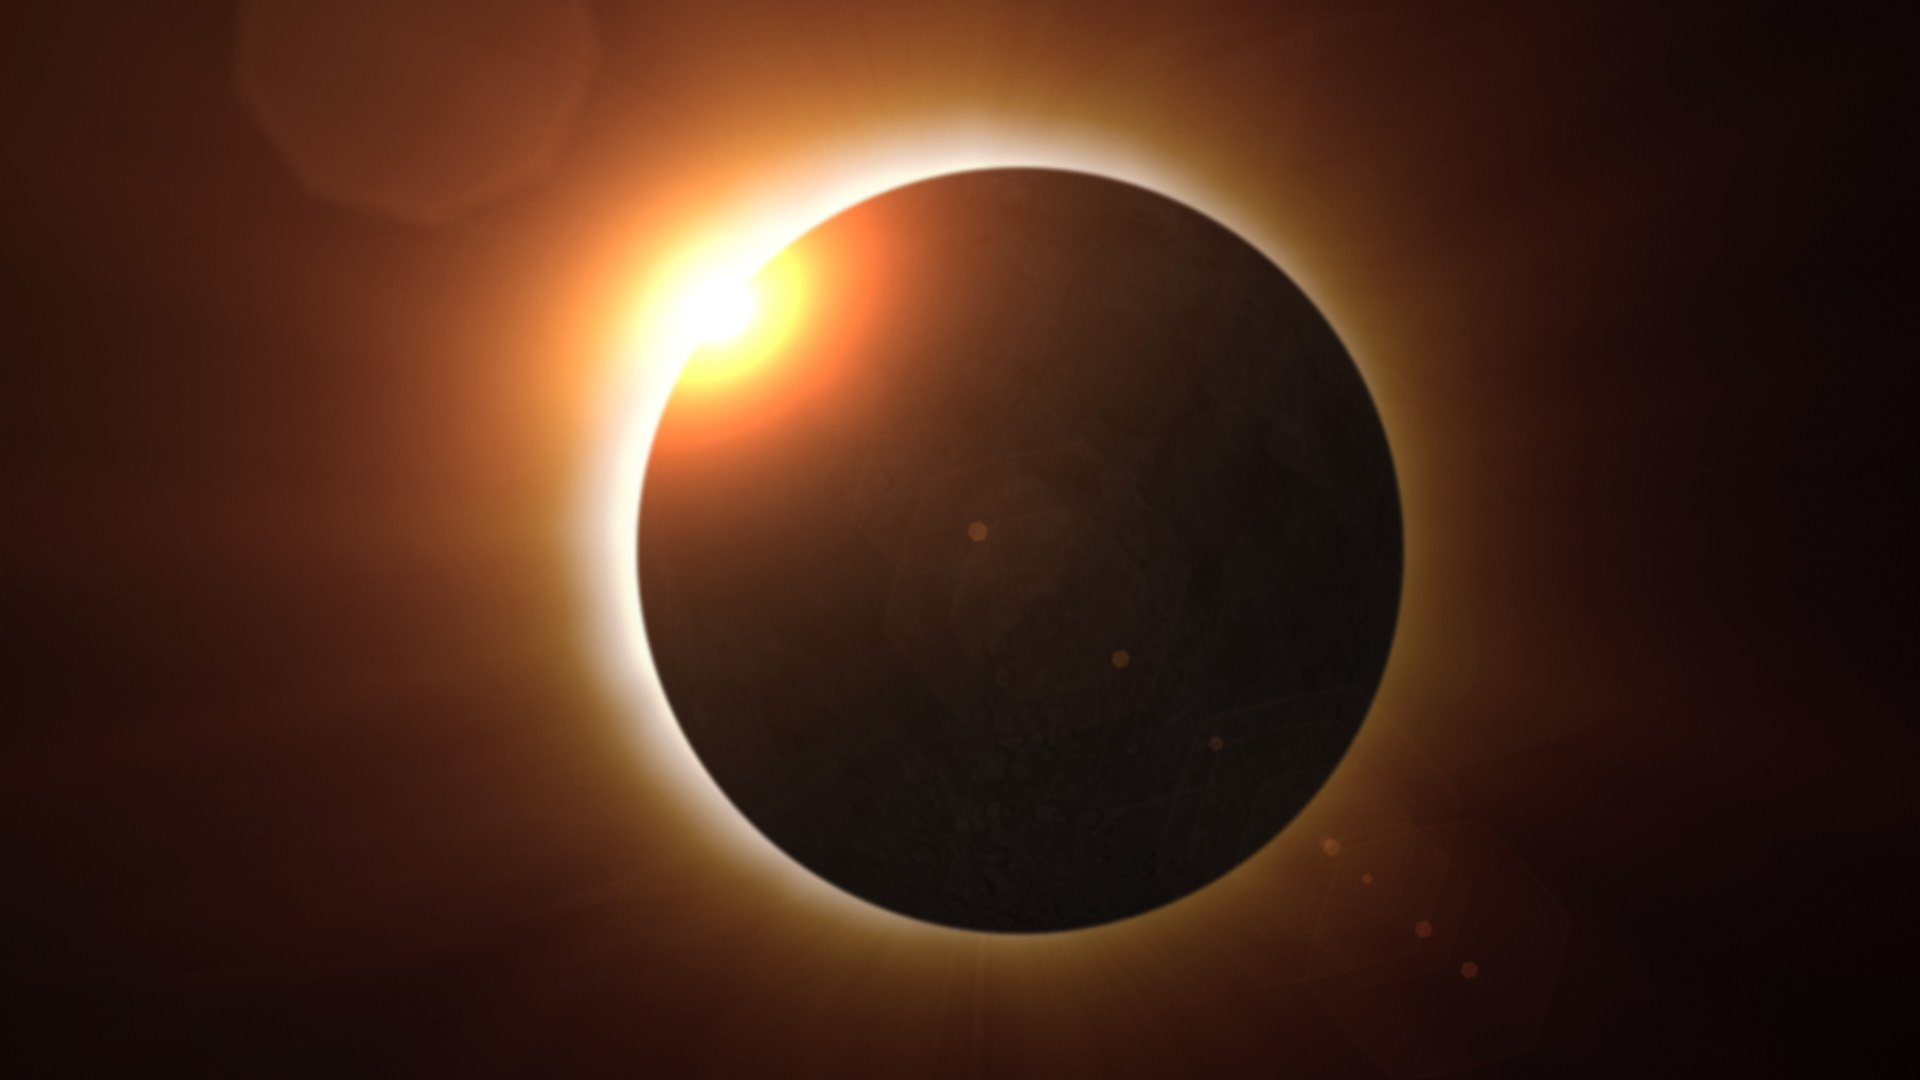 Dónde ver el eclipse solar que cruzará Argentina y Chile en 2019